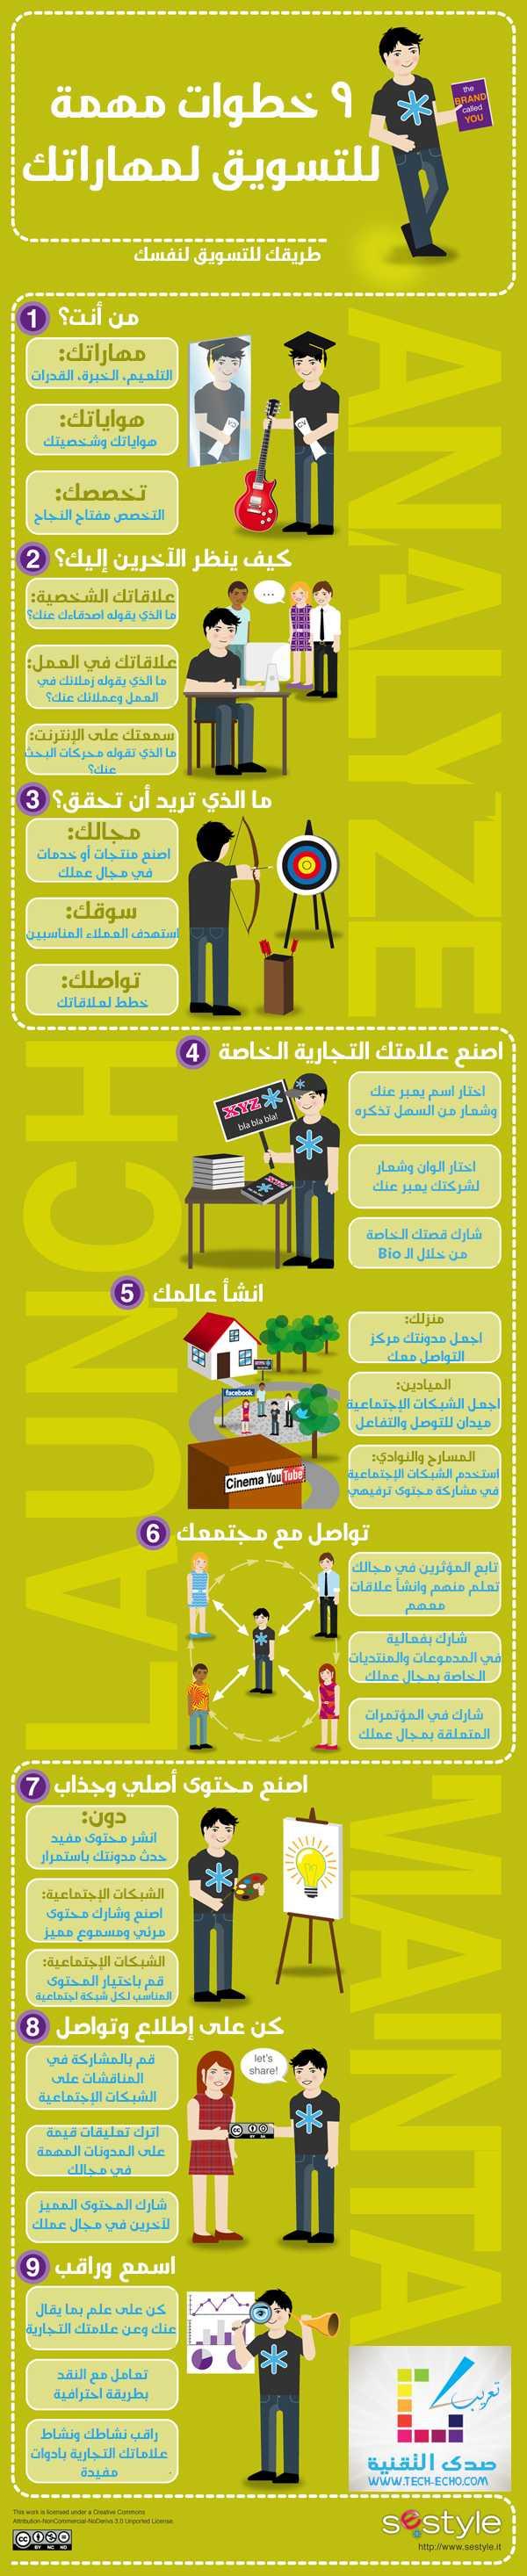 9 خطوات مهمة للتسويق لمهاراتك (إنفوجرافيك)